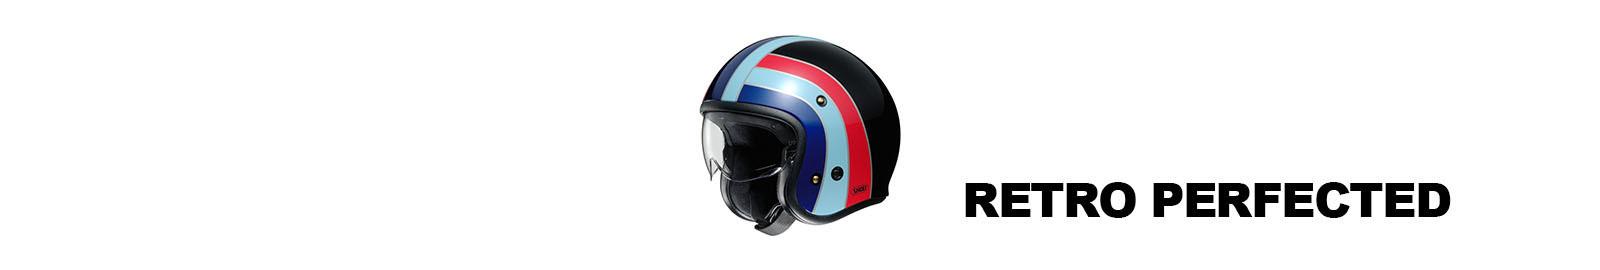 Shoei JO Helmets